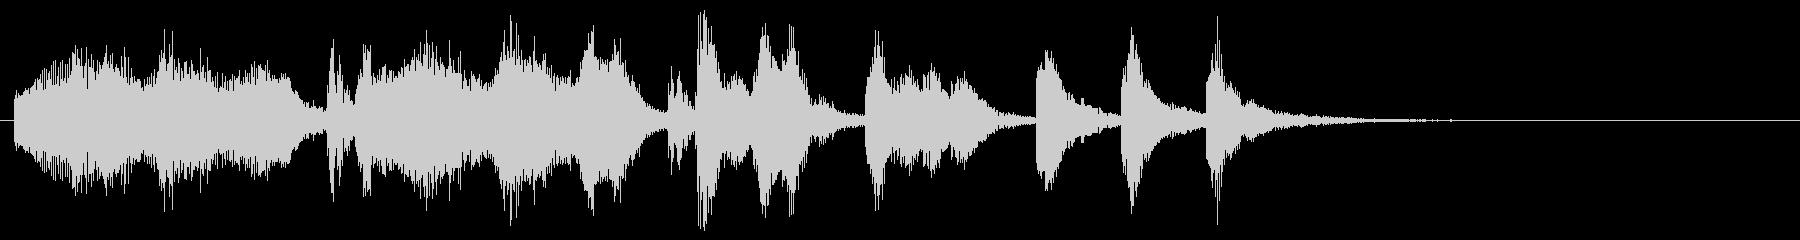 のほほんジングル029_のんびり+3の未再生の波形